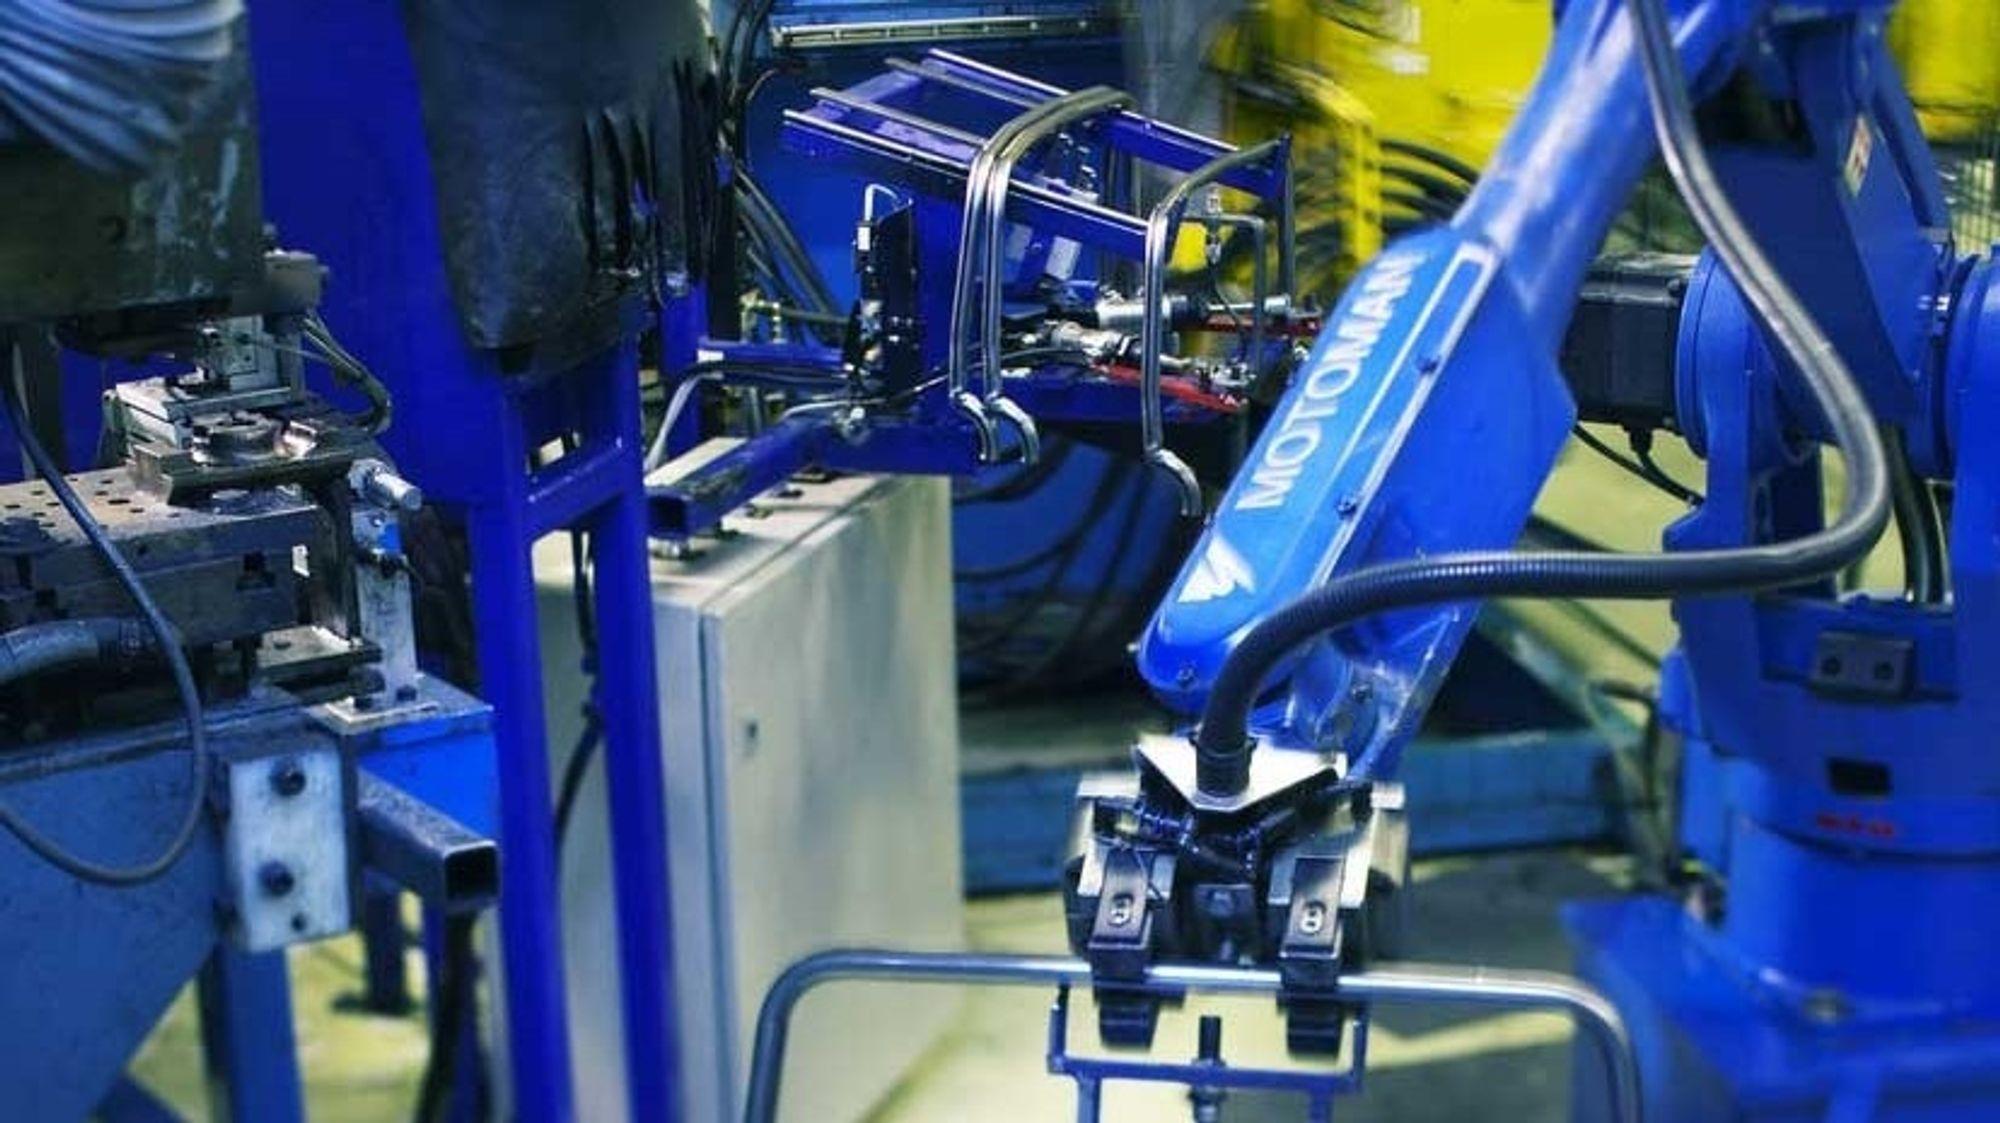 Ekornes er et eksempel på en bedrift som har kommet langt mot fullautomatisert produksjon.